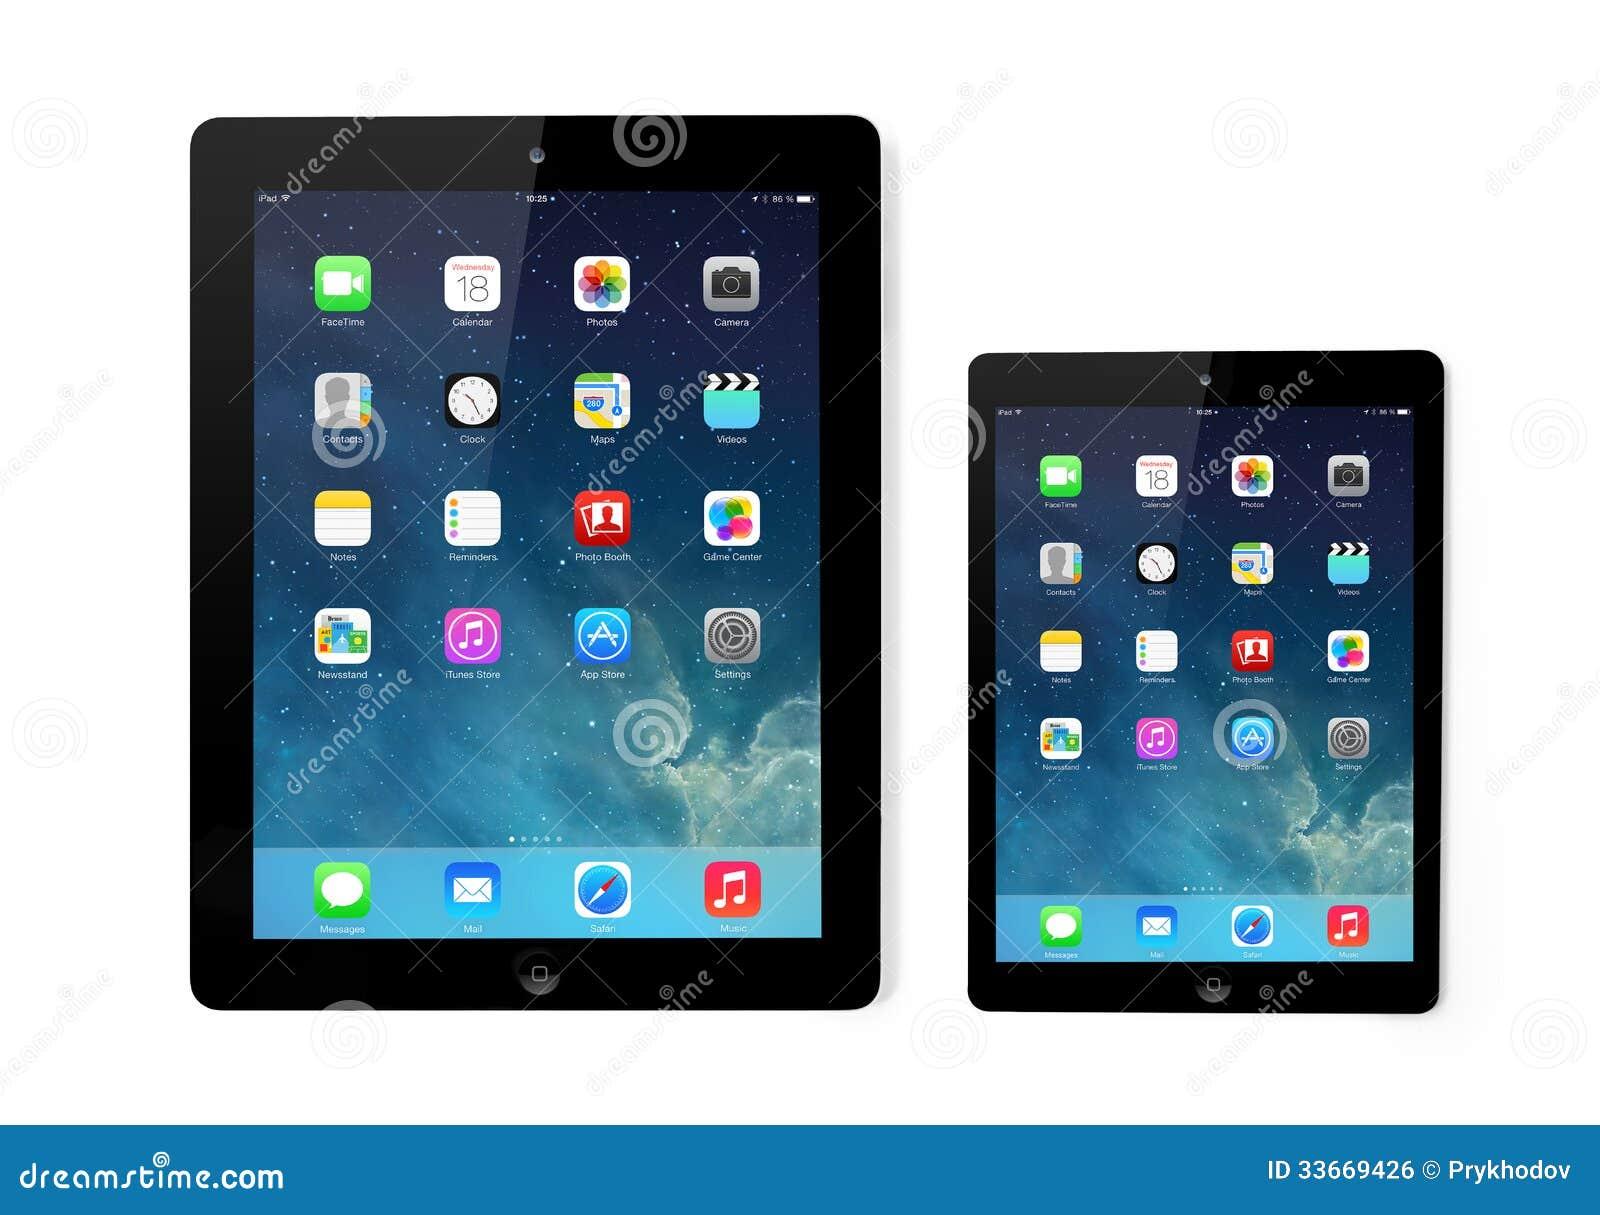 Nueva pantalla del IOS 7 del sistema operativo en el iPad y el iPad mini Apple